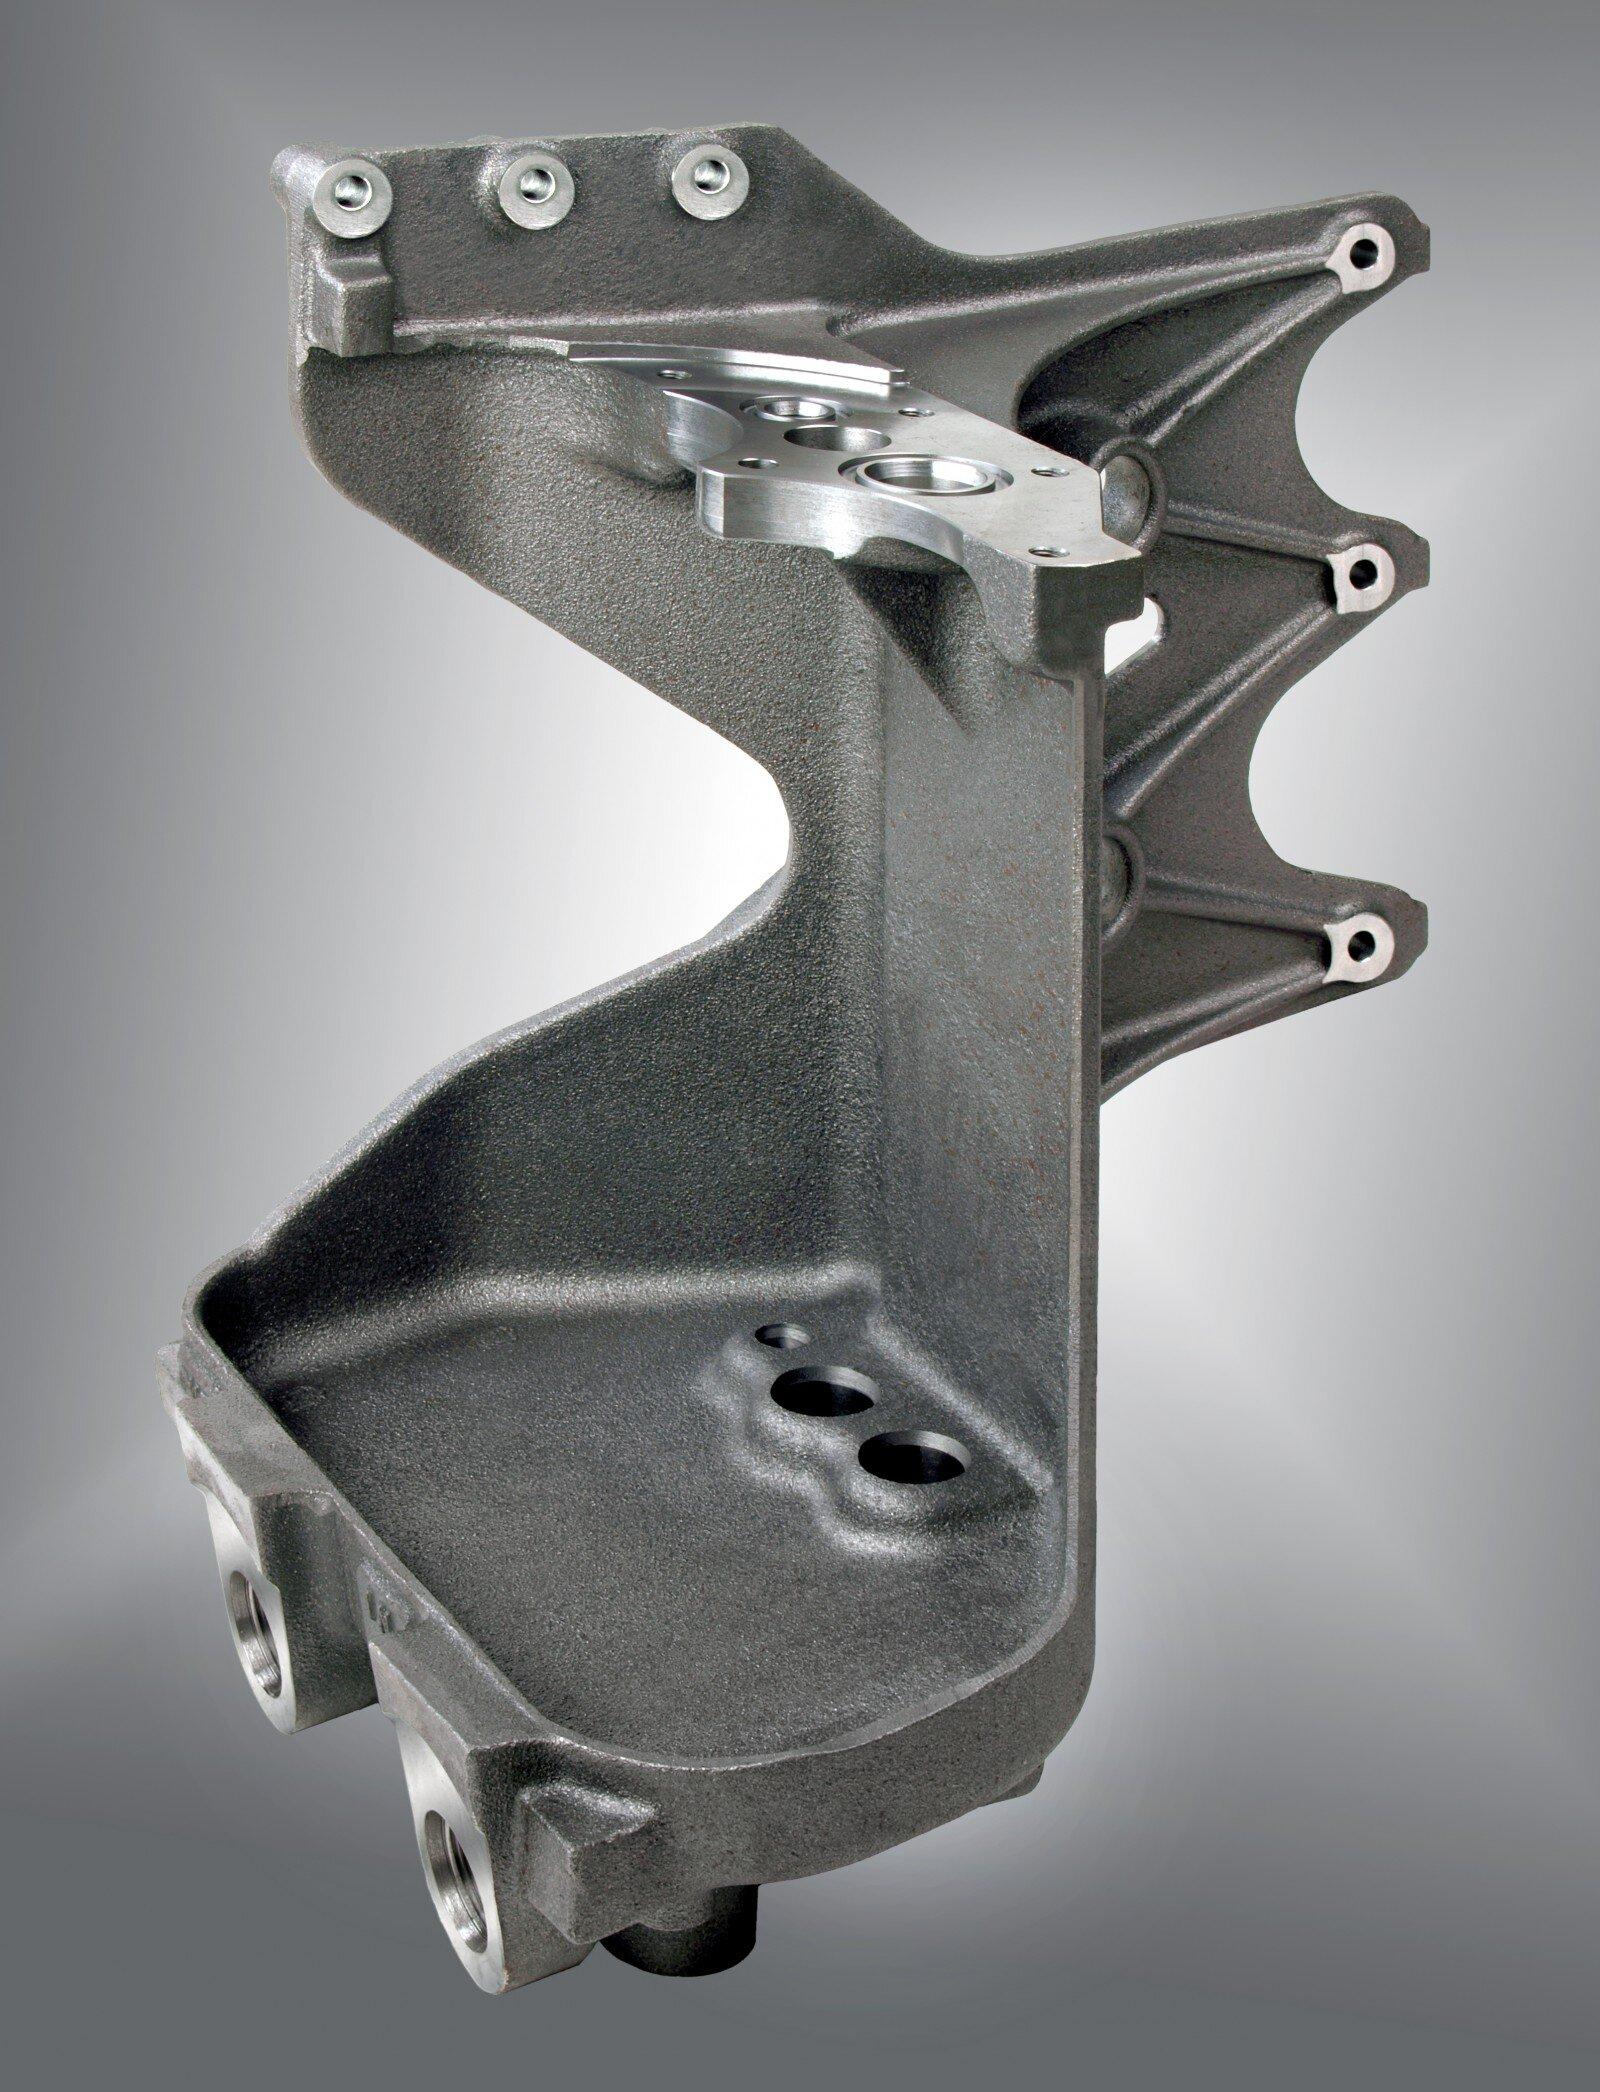 Duktiles Gusseisen mit Kugelgraphit wird in diesem Halter einer Kraftstoffpumpe für Lkw-Guss eingesetzt